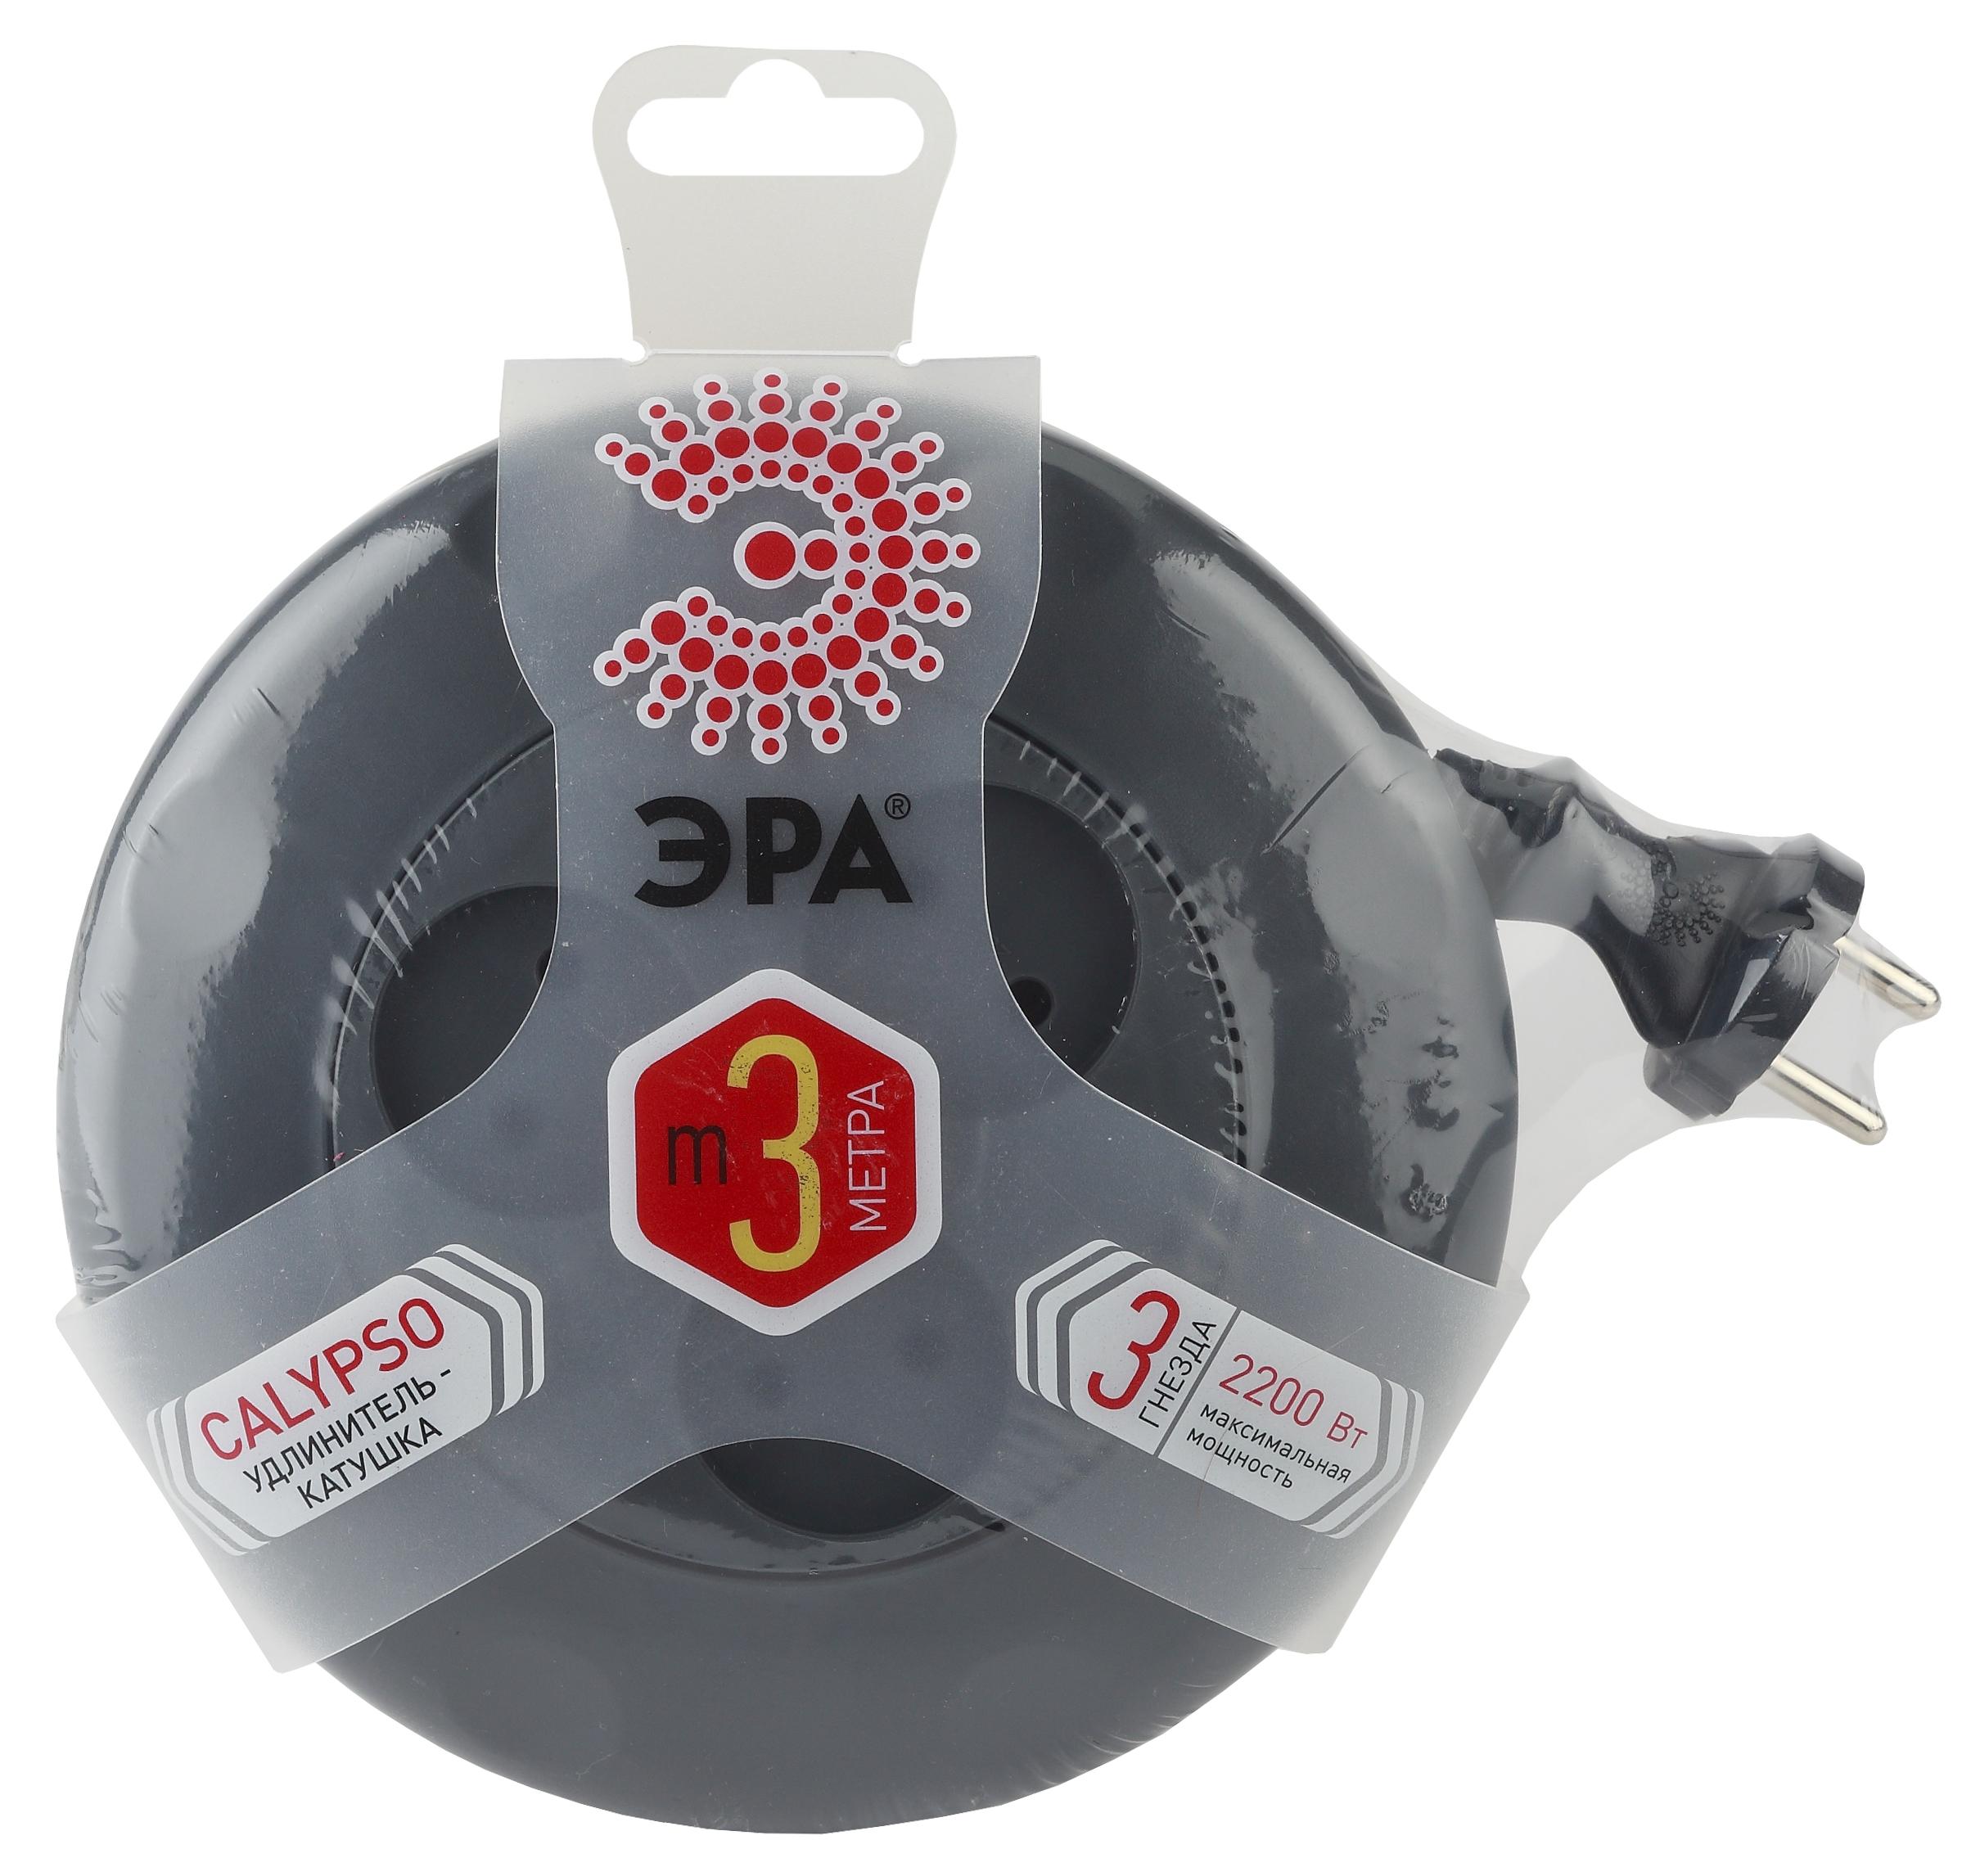 Серия из десяти черных рулетка эпицентр игровые автоматы